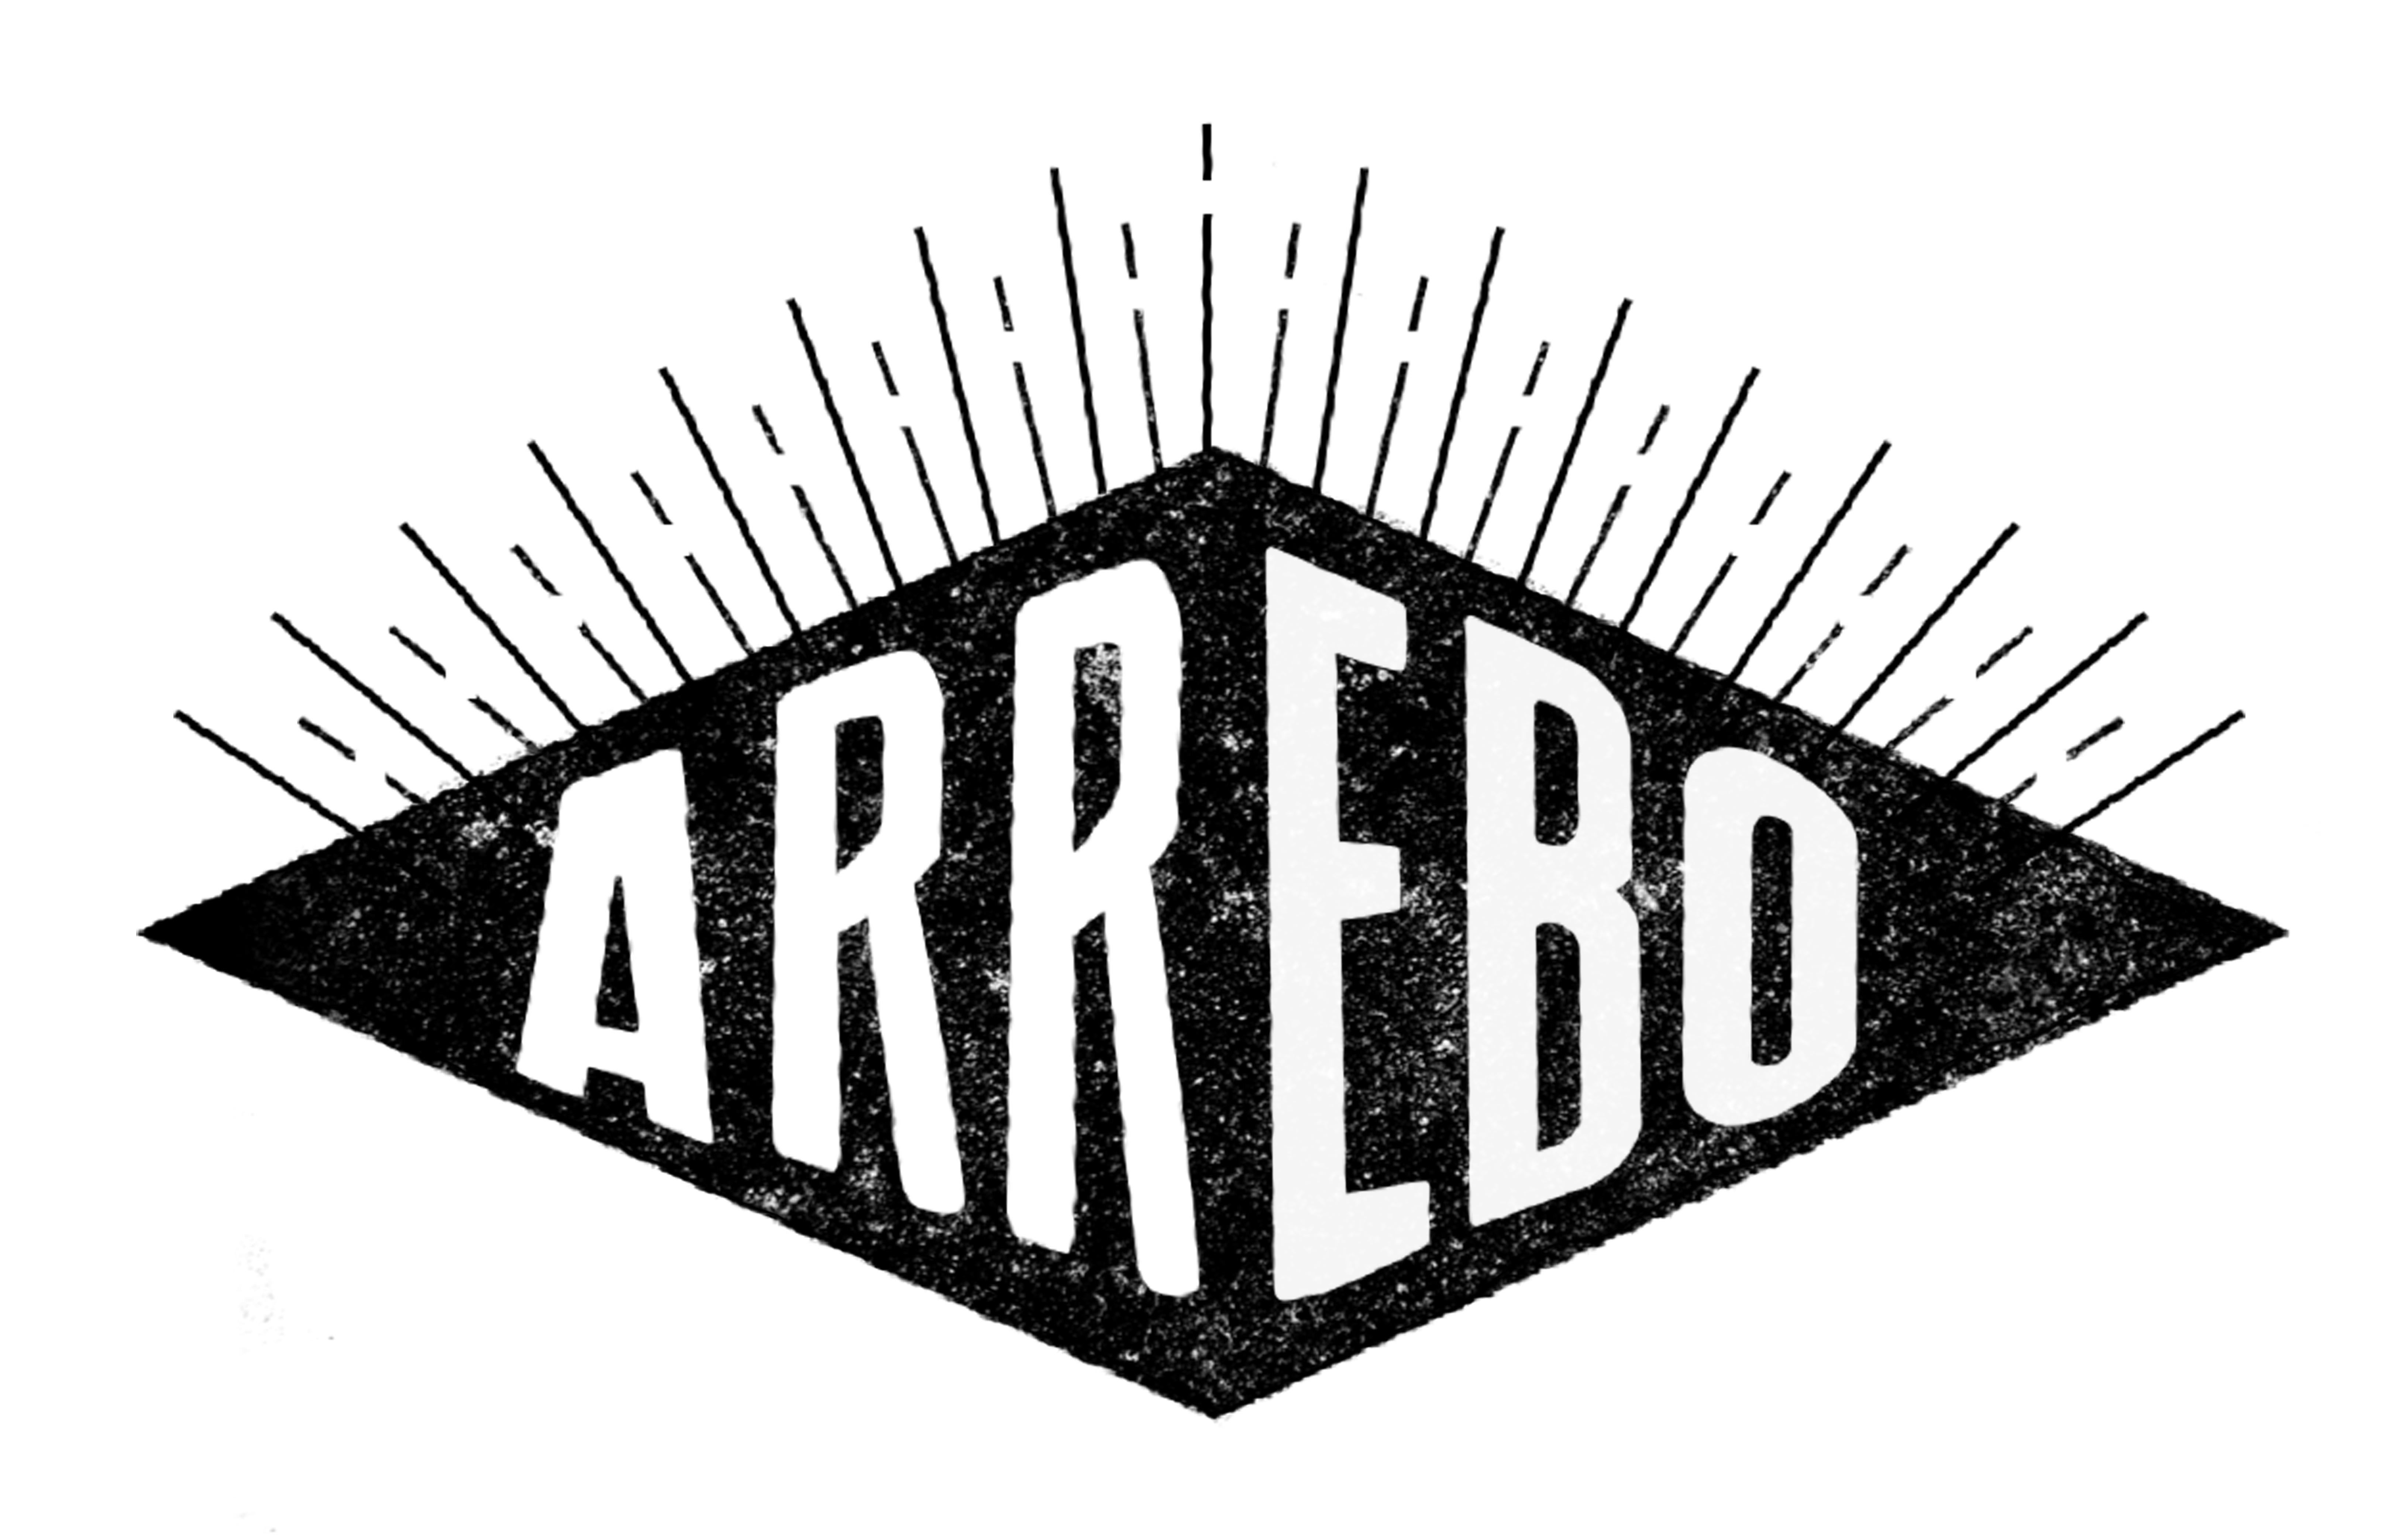 Arrebo